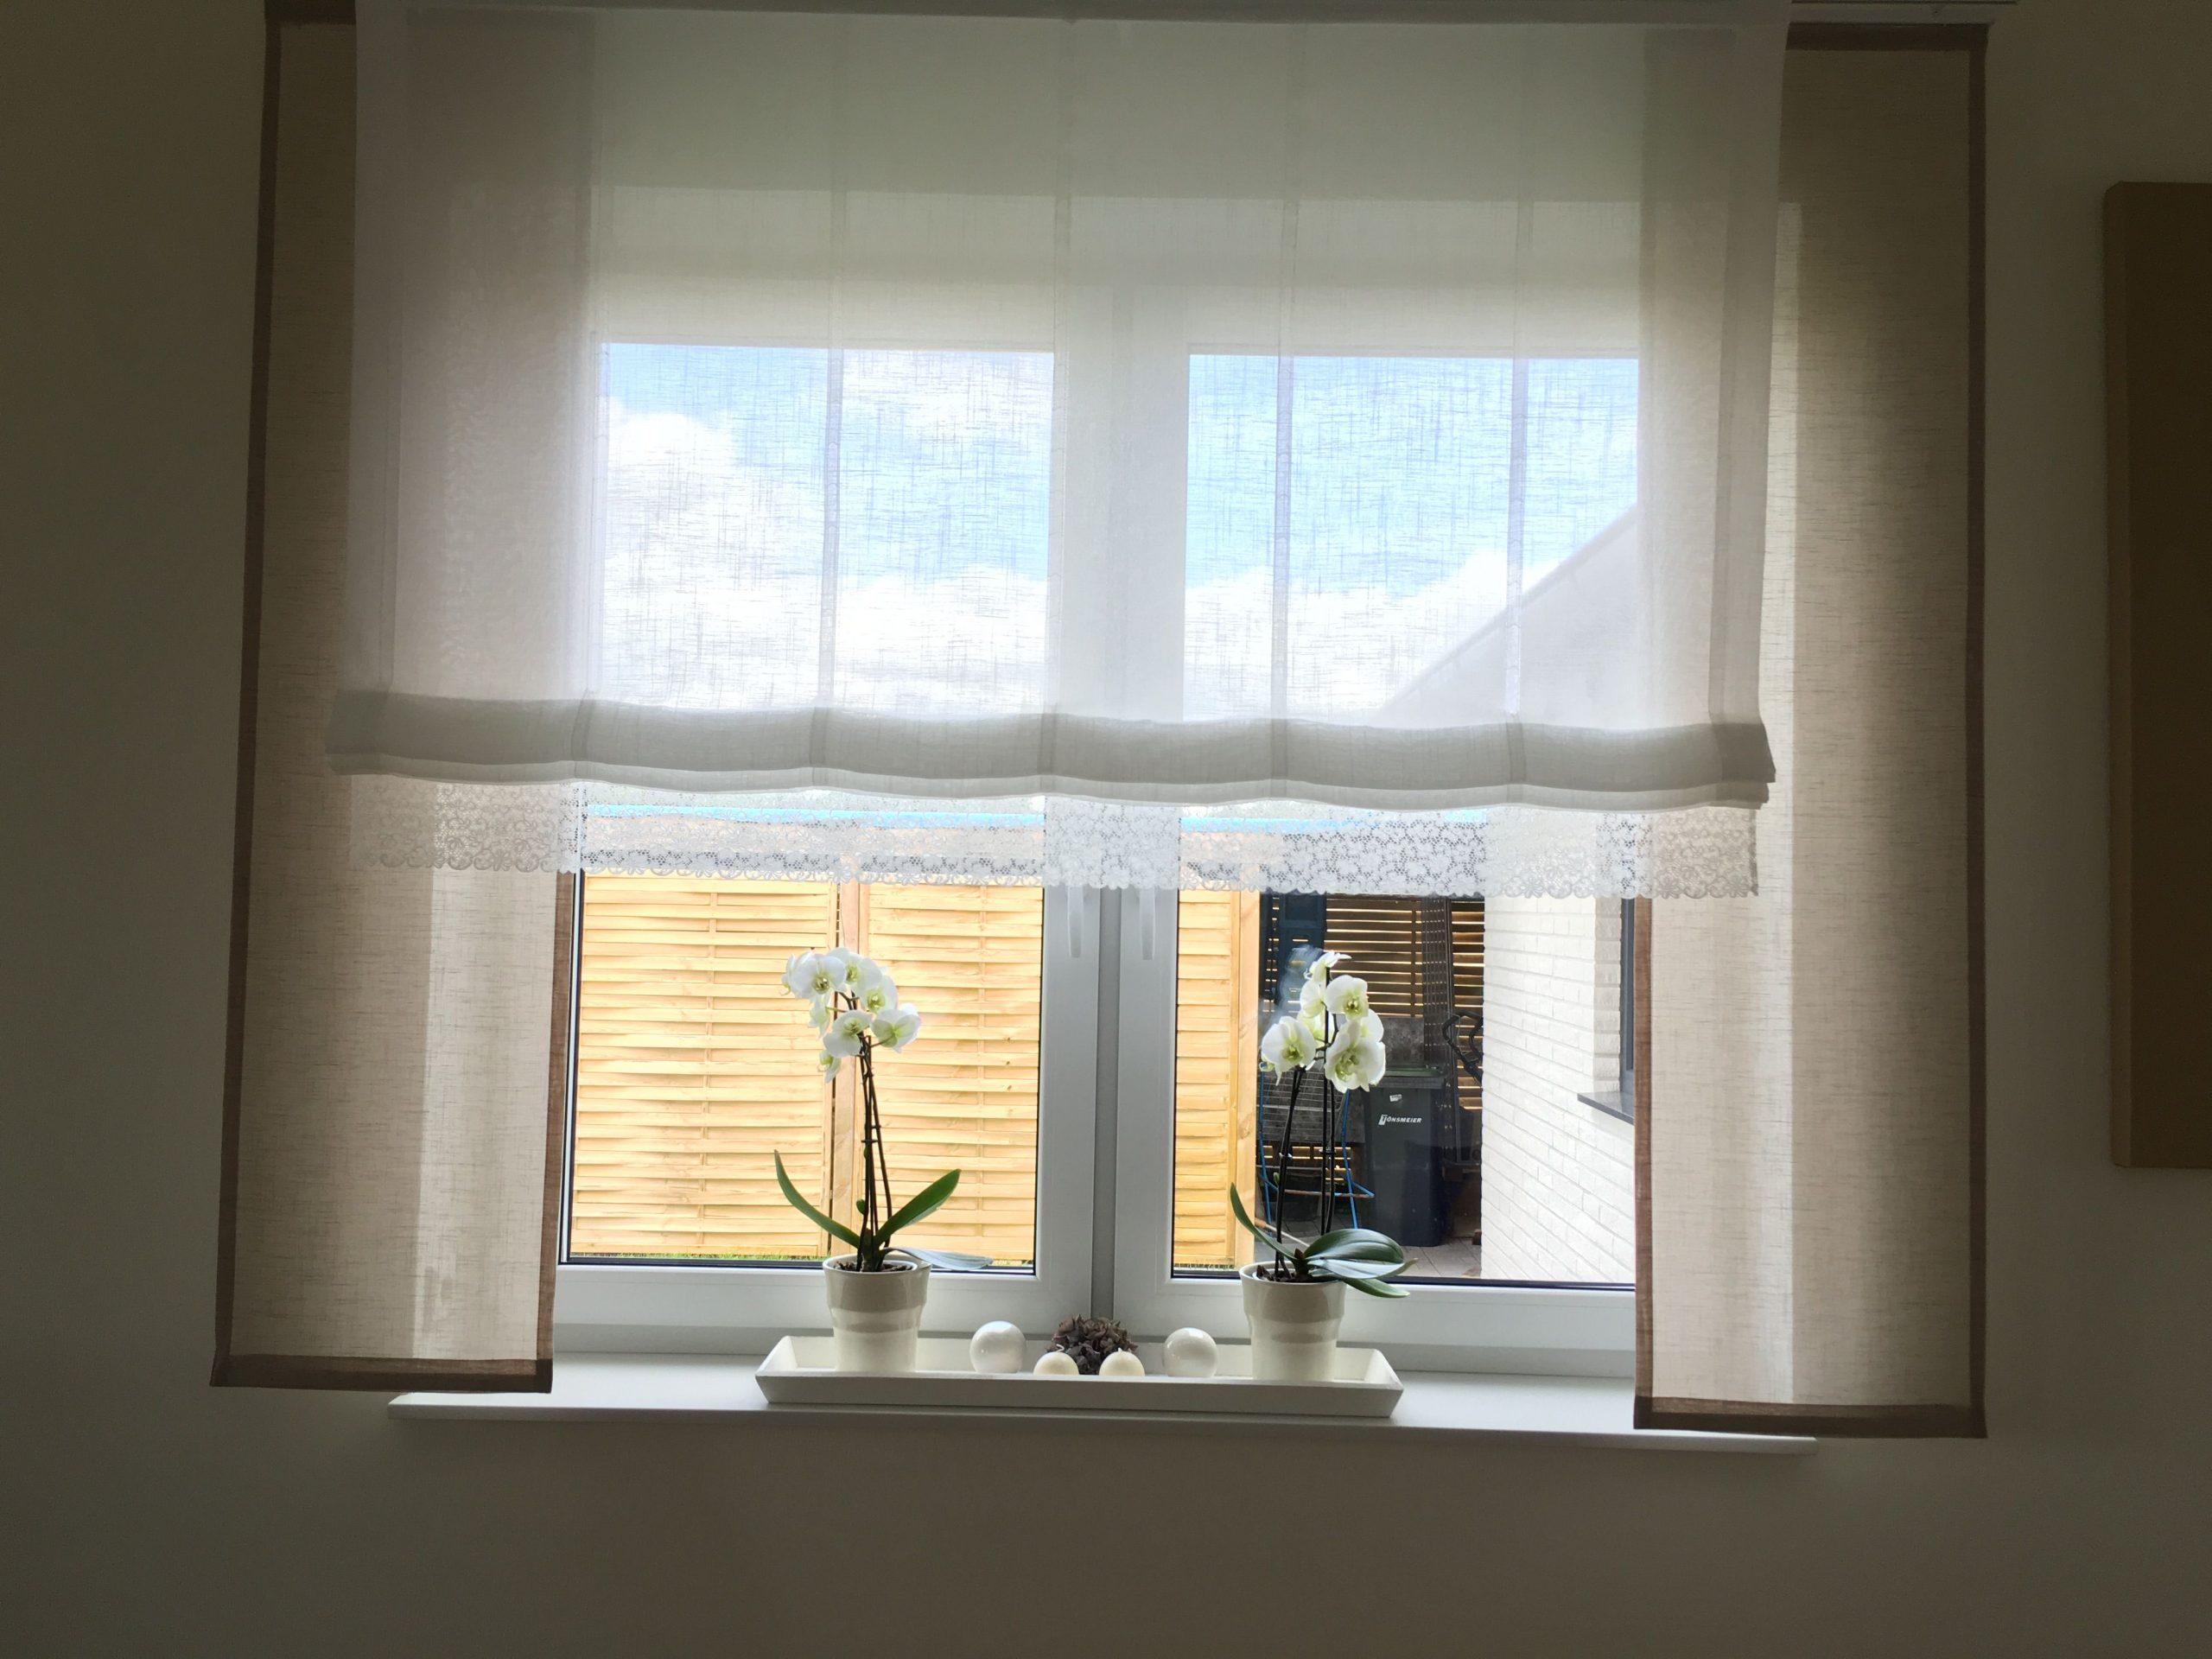 Full Size of Gardinen Dekorationsvorschläge Wohnzimmer Modern Taupe Mit Wei Und Spitze Store Groe Fenster Vorhänge Deckenlampen Für Relaxliege Hängelampe Moderne Wohnzimmer Gardinen Dekorationsvorschläge Wohnzimmer Modern